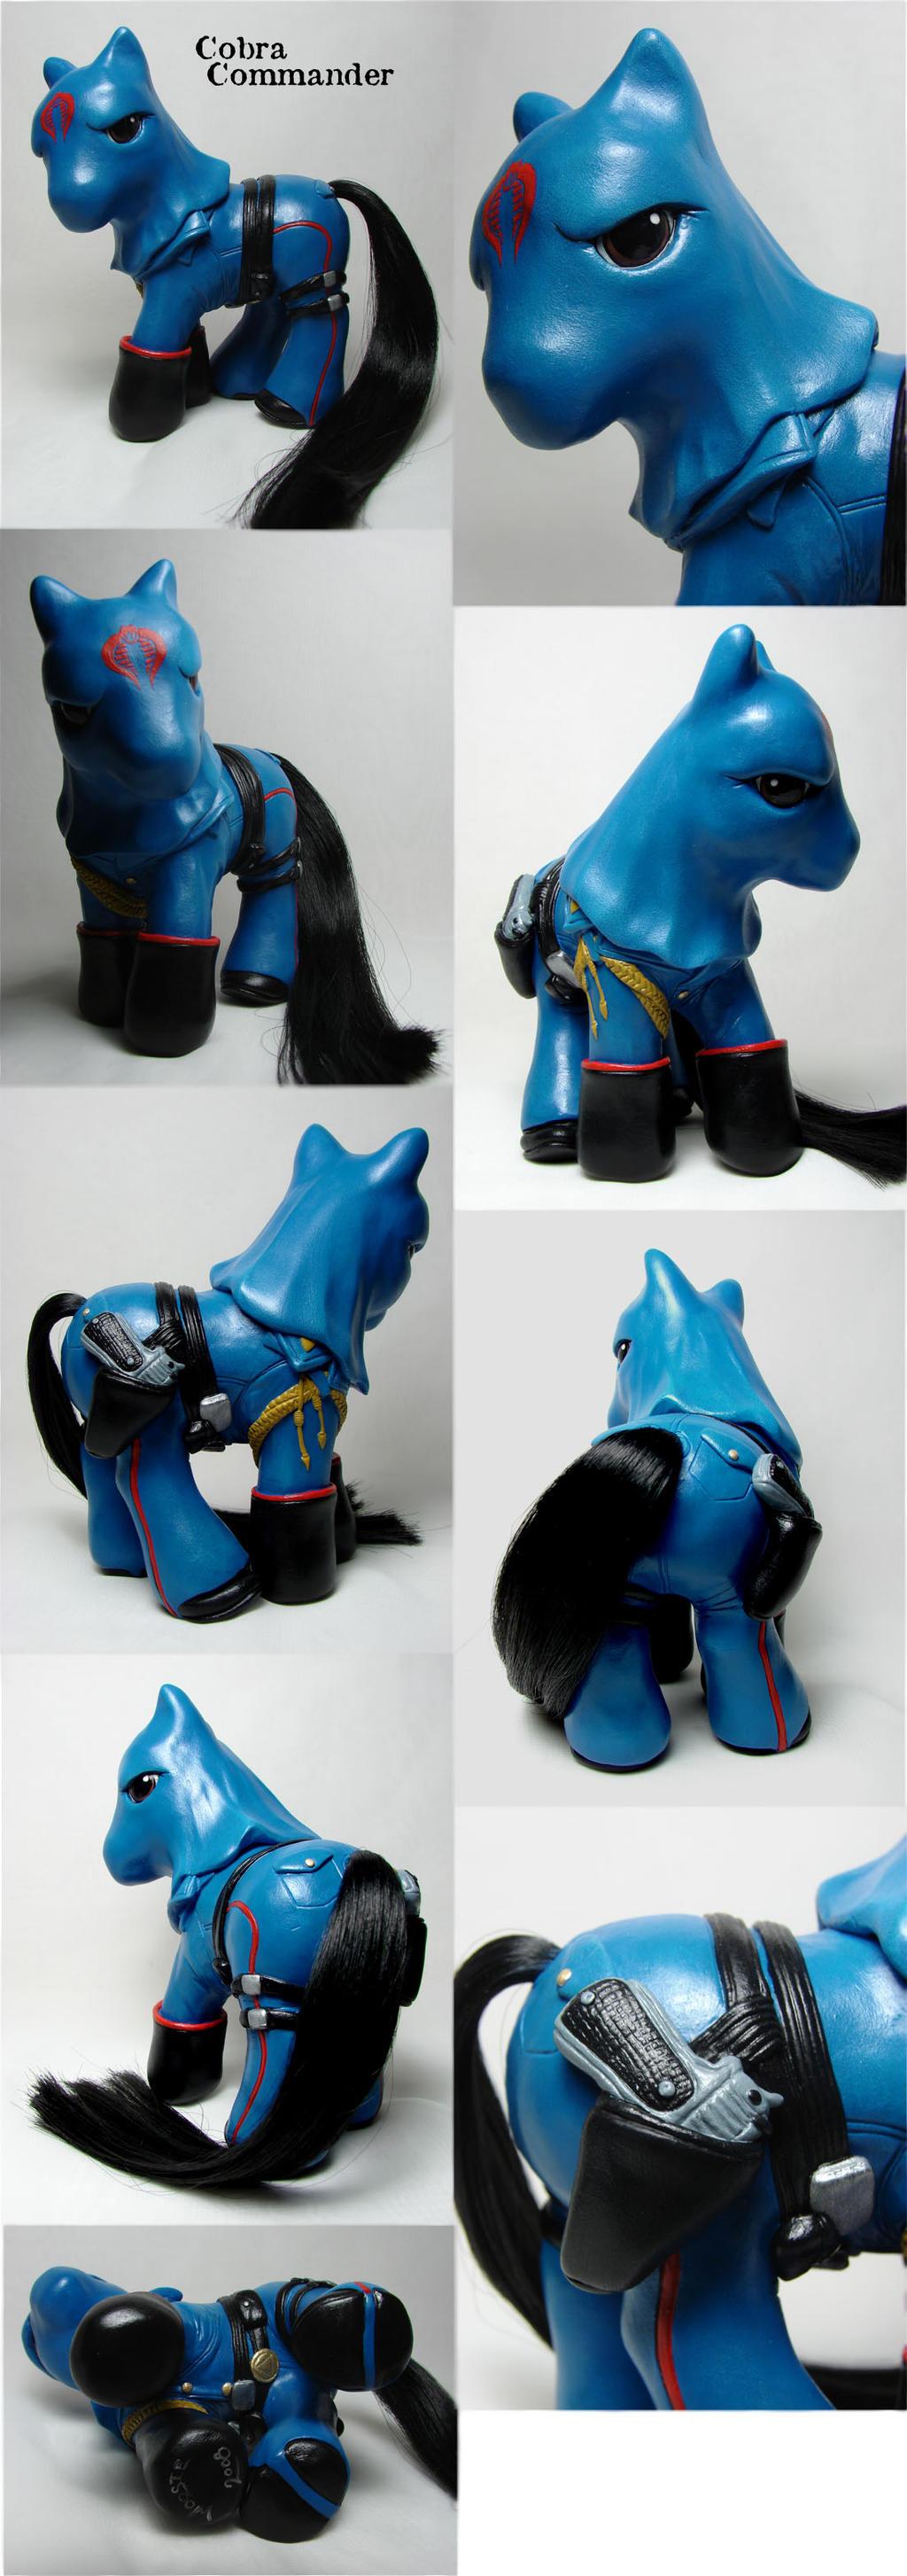 ideés cadeaux pour ma cherie Cobra_Commander_little_pony_by_Woosie